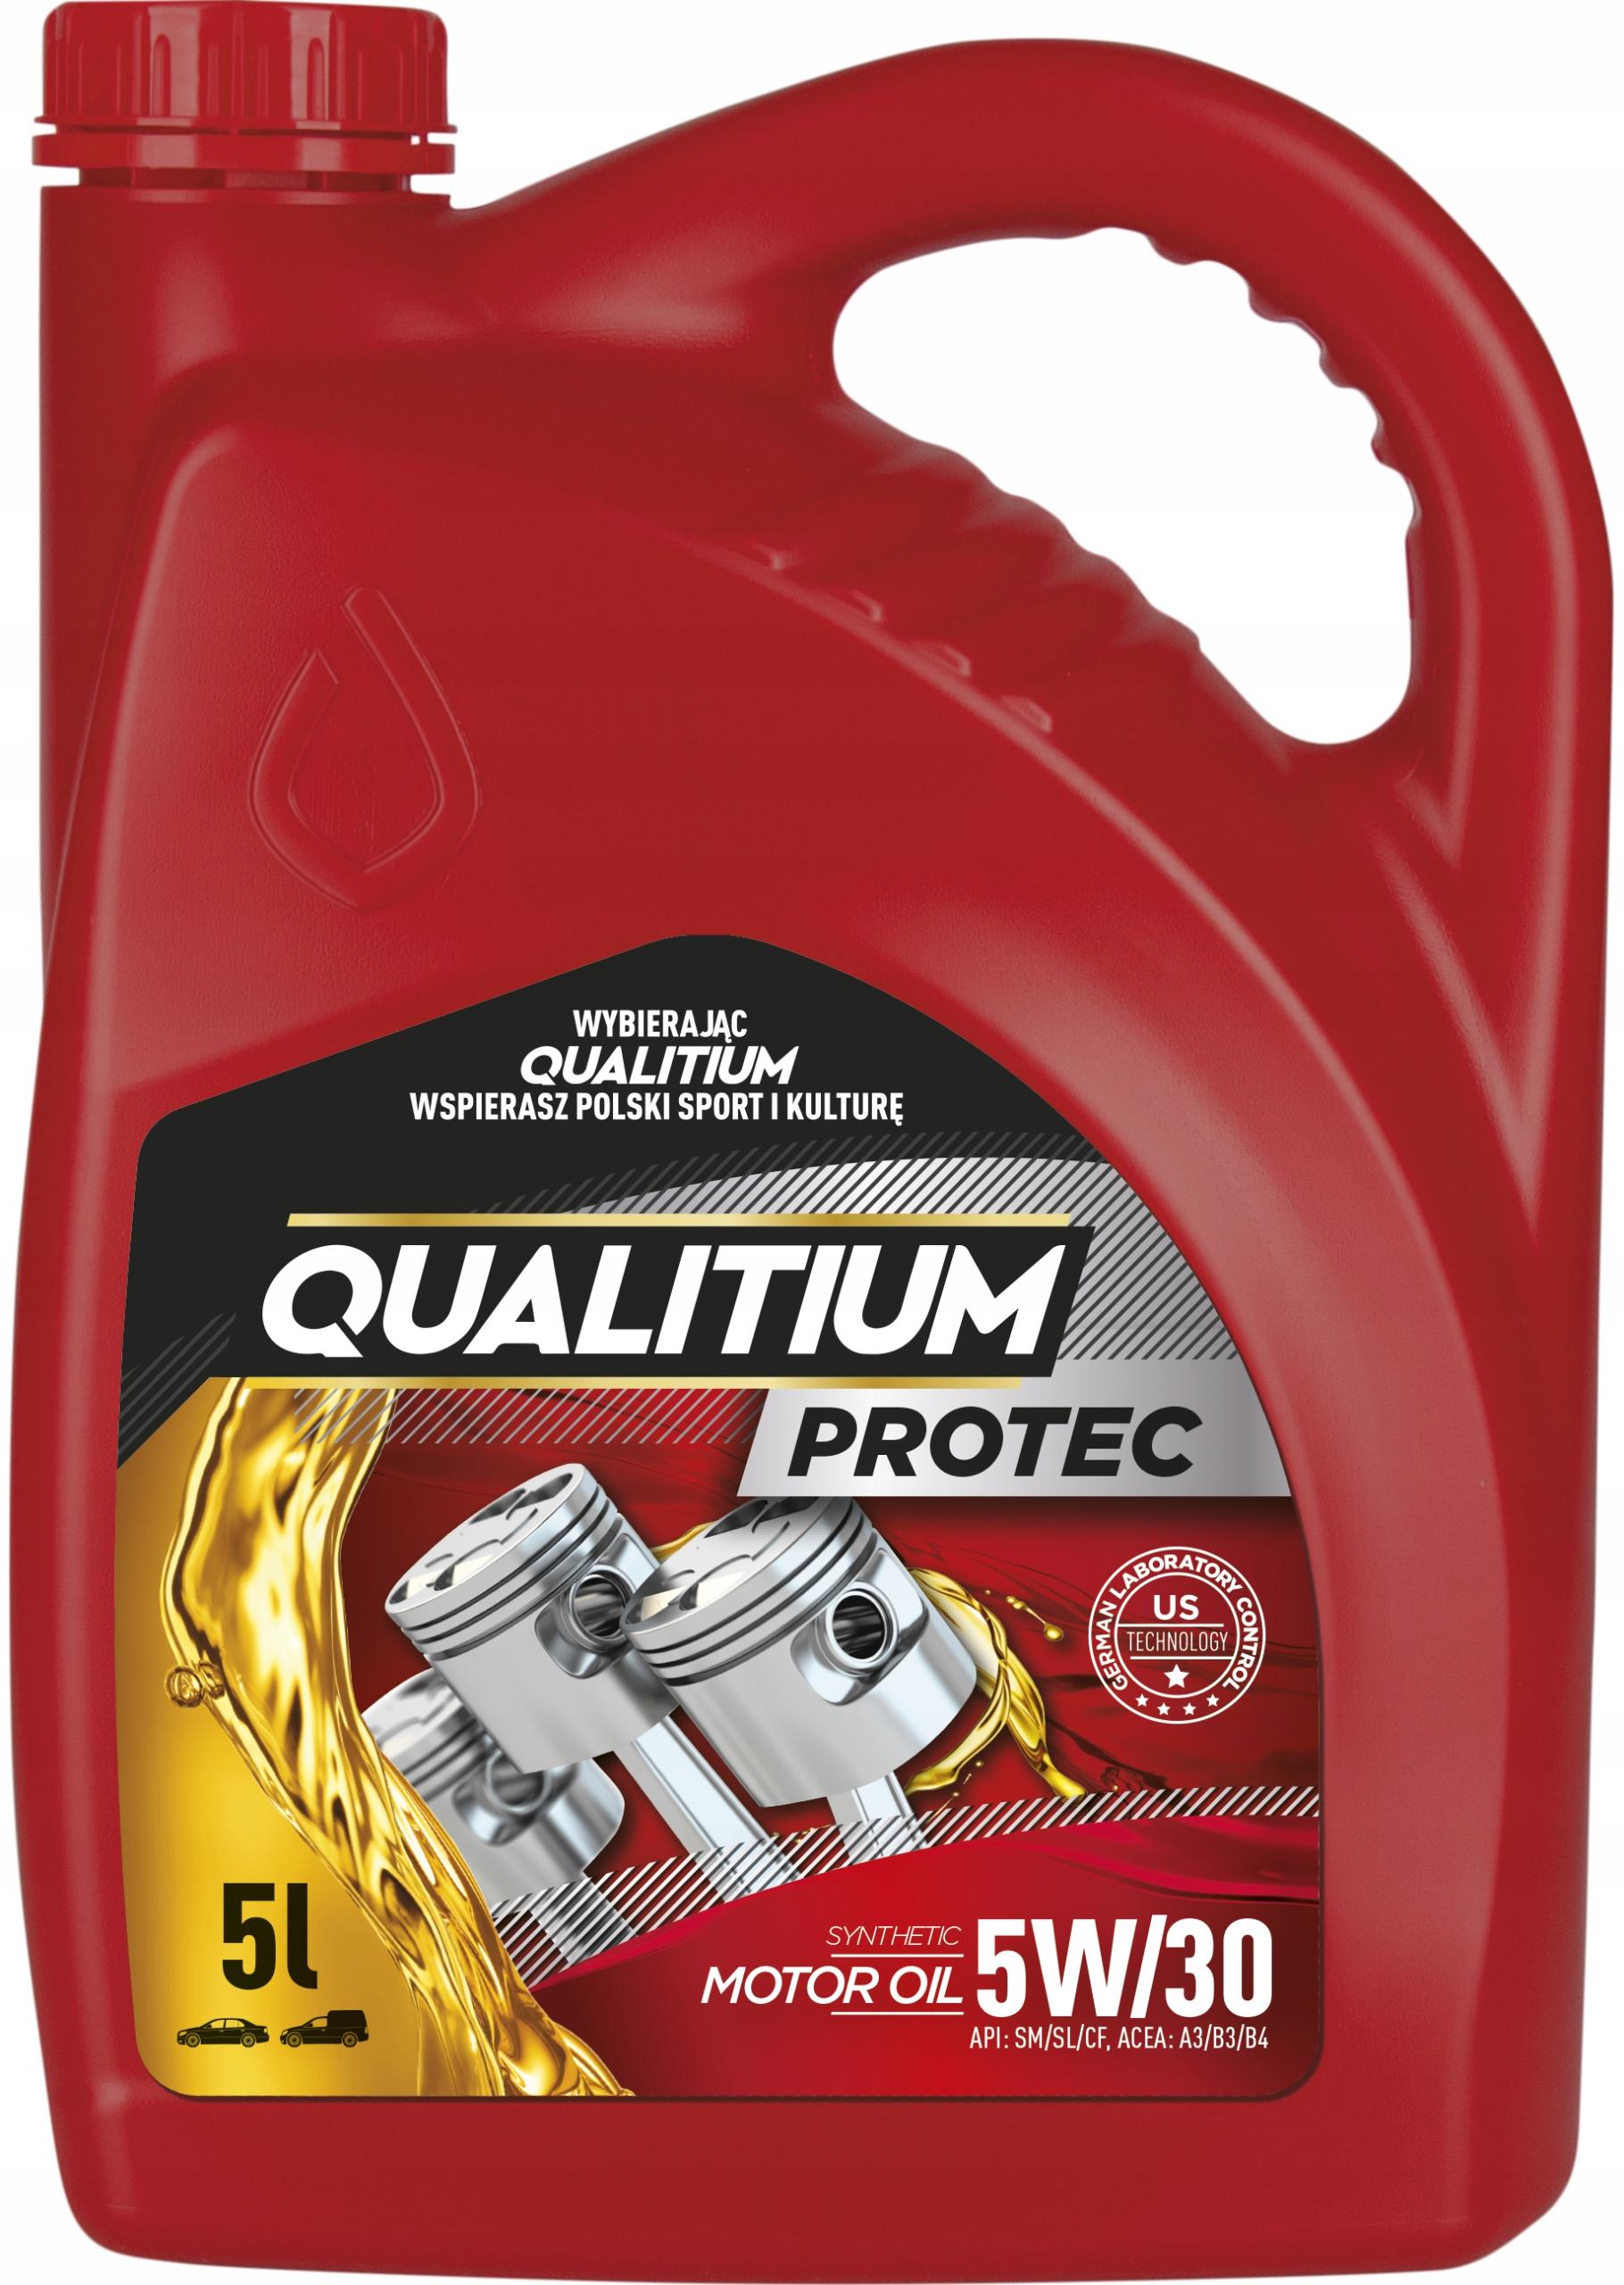 Синтетическое масло QUALITIUM PROTEC 5W-30 5L